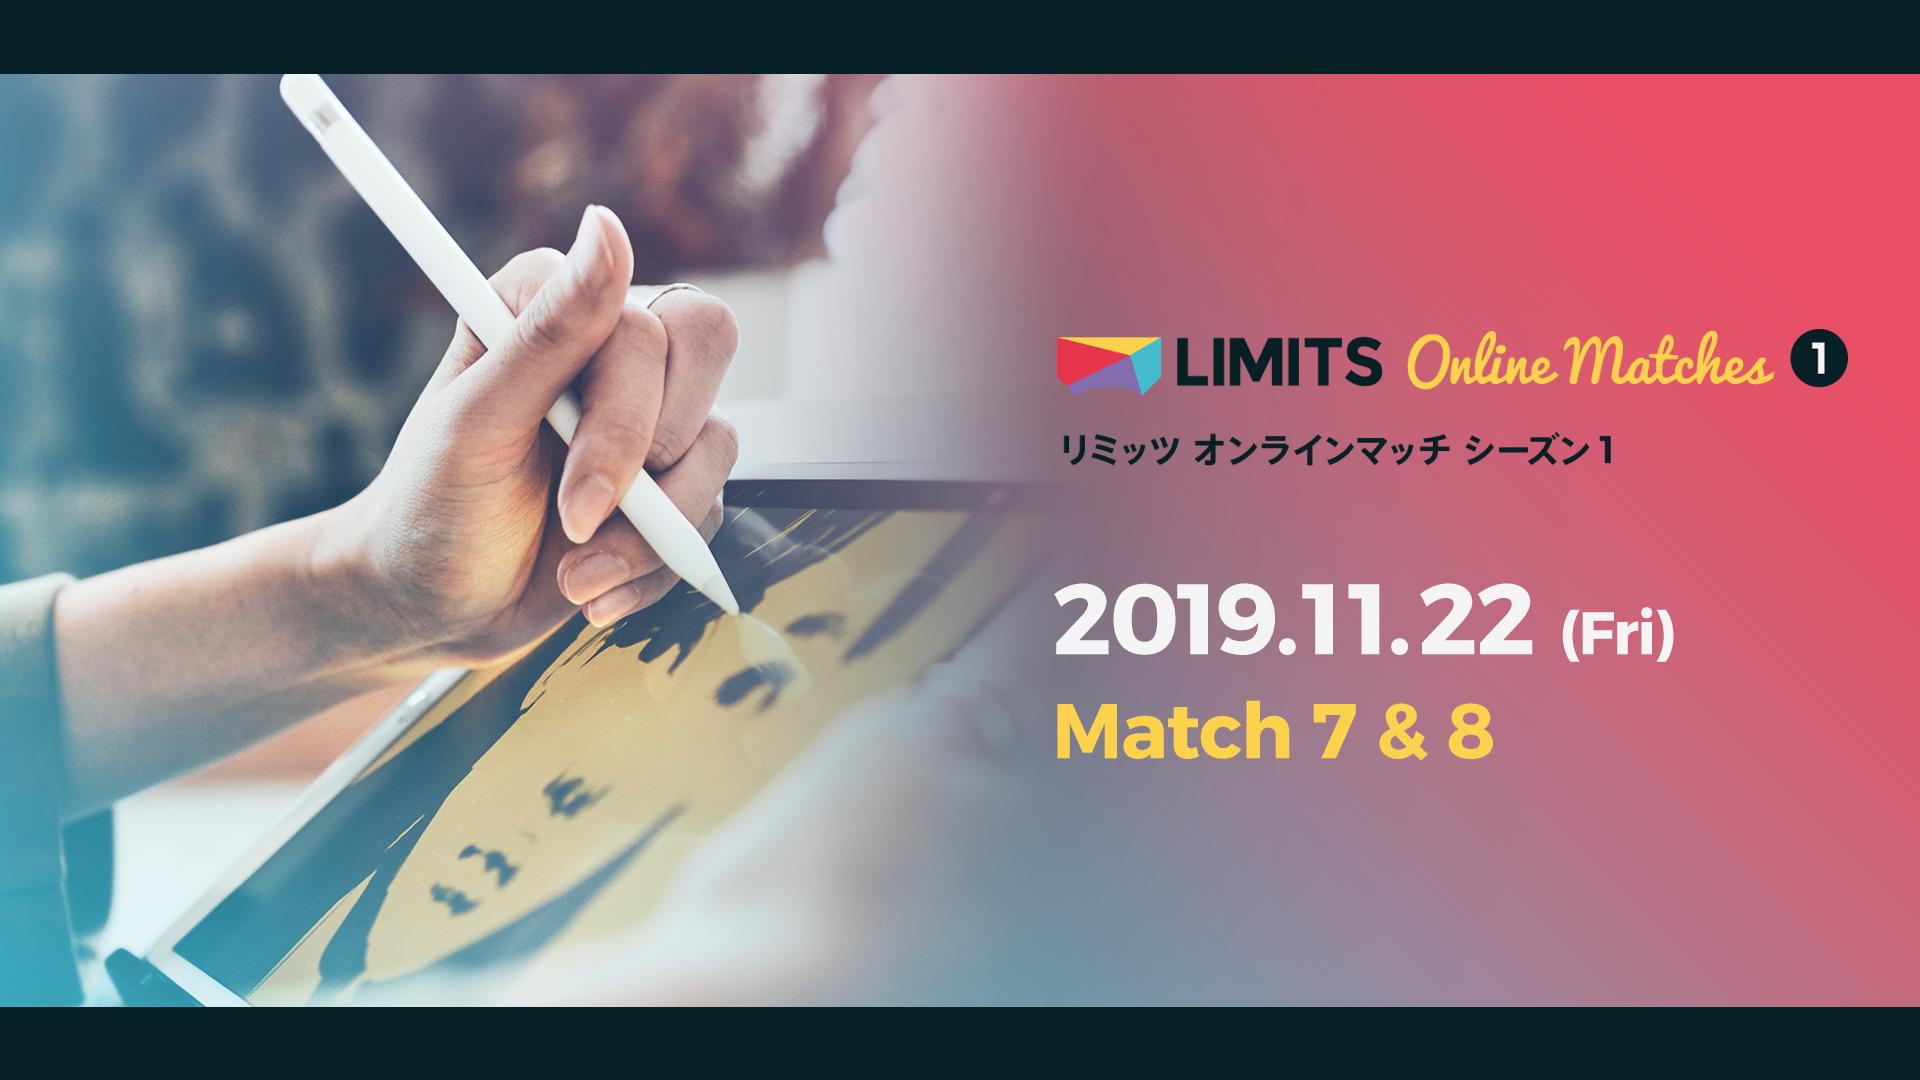 リミッツ オンラインマッチ シーズン1【11月22日】